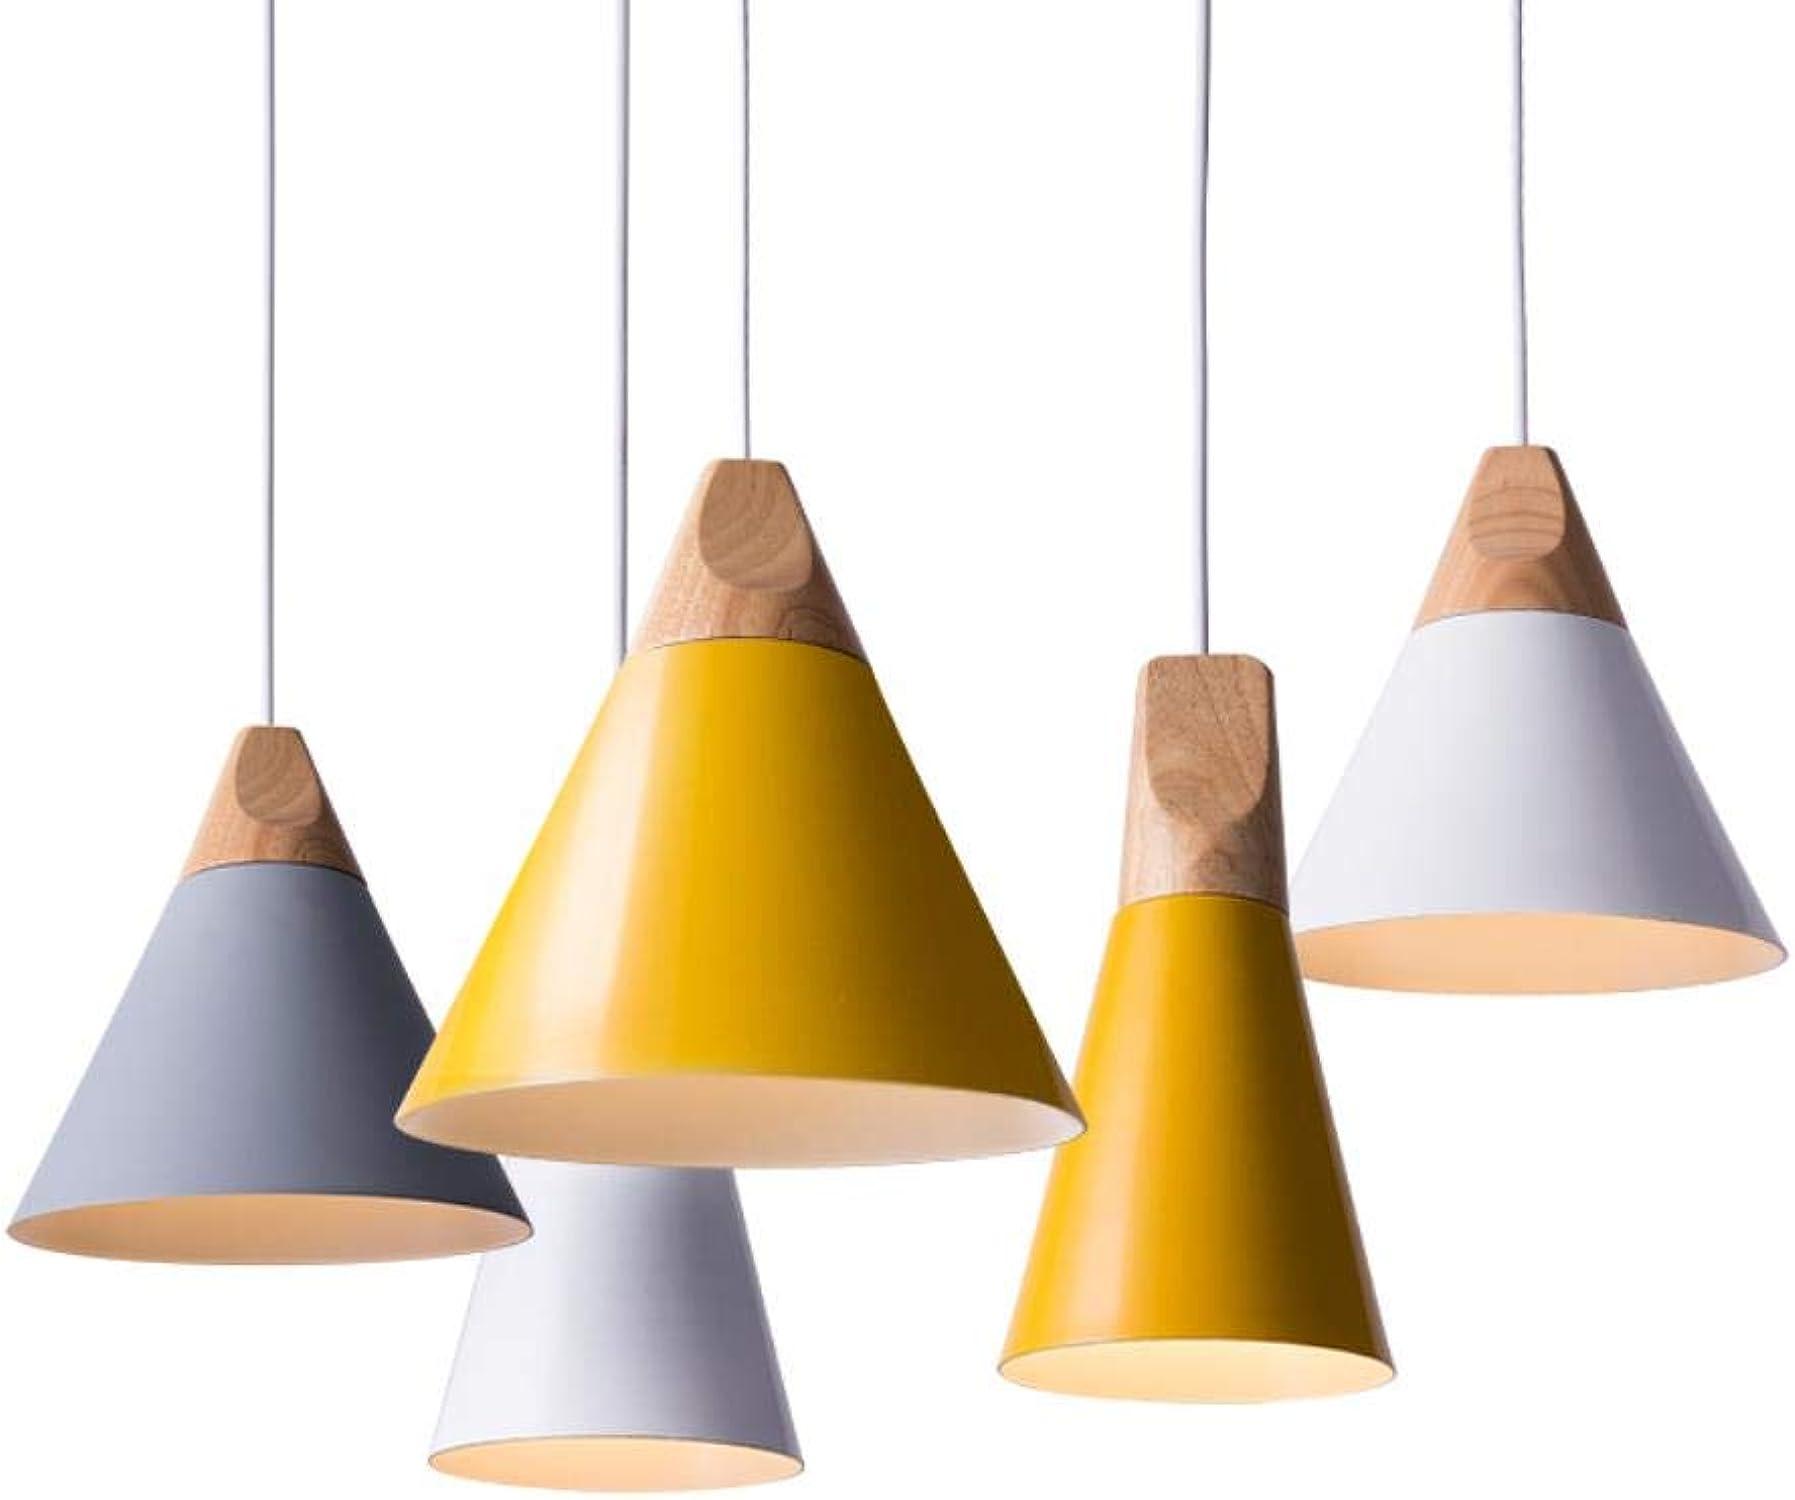 Moderne Nordic E27 Suspension en bois pour salle à hommeger, cuisine, restaurant, bar, lumières suspendues blanc petit